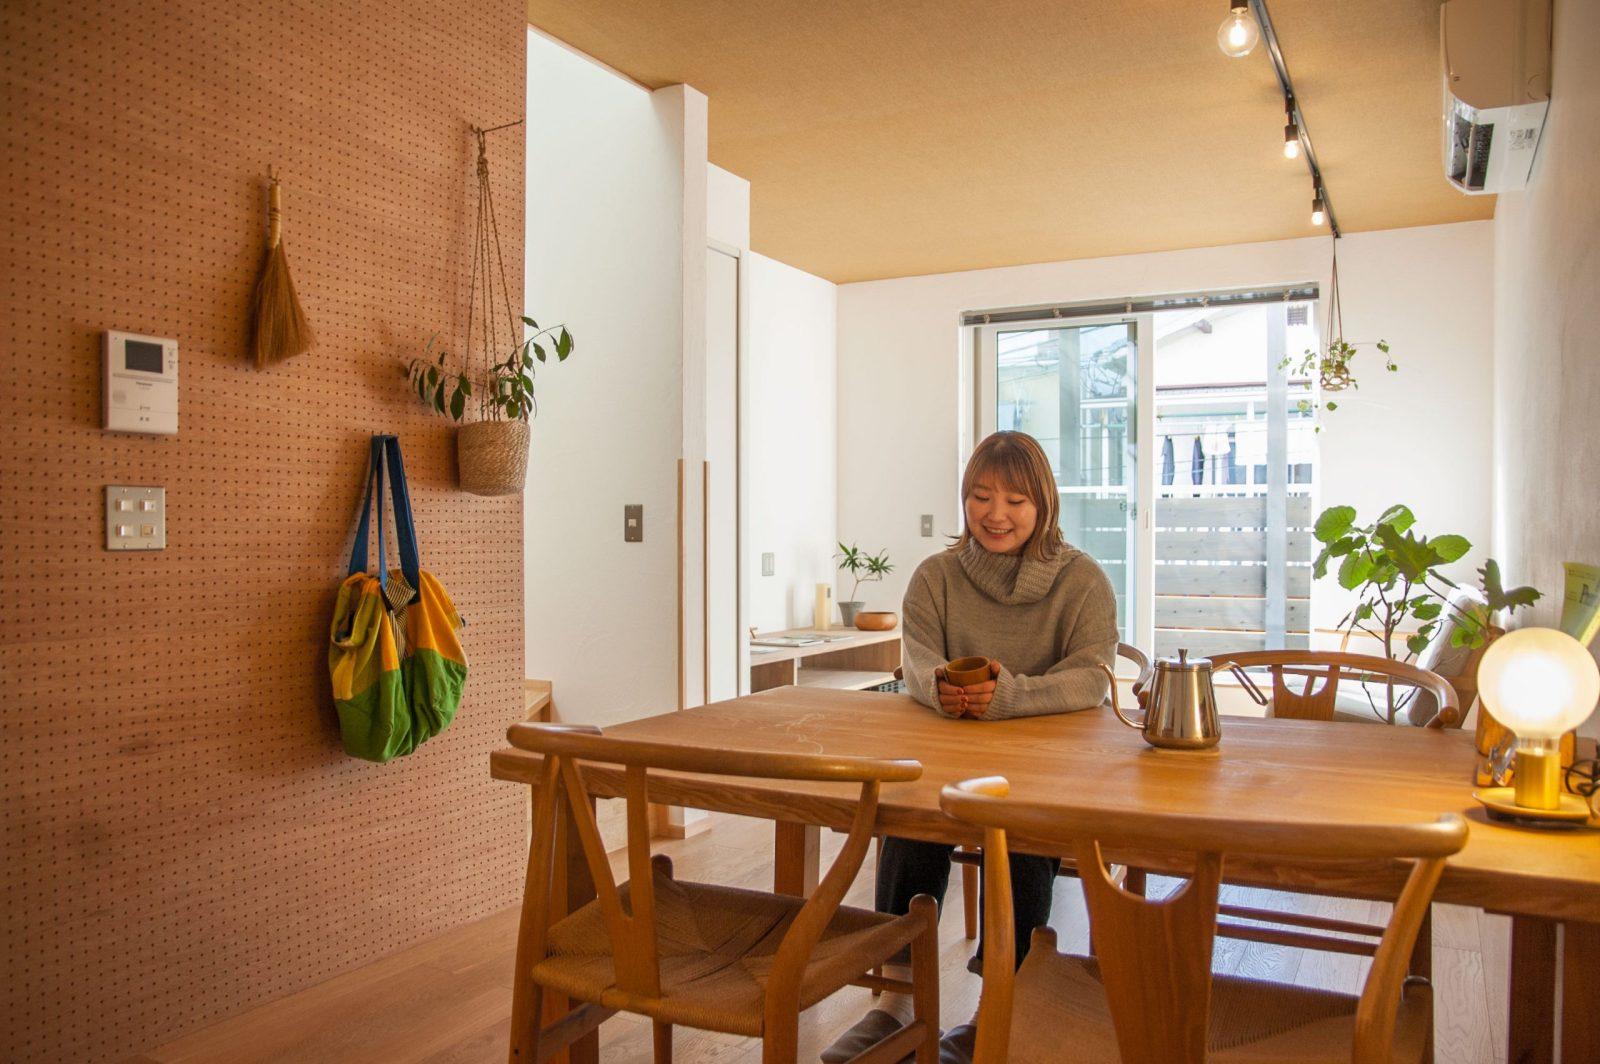 【好評販売中 3,780万】工務店の本気の建売住宅『吹田市穂波町・自然素材の家』